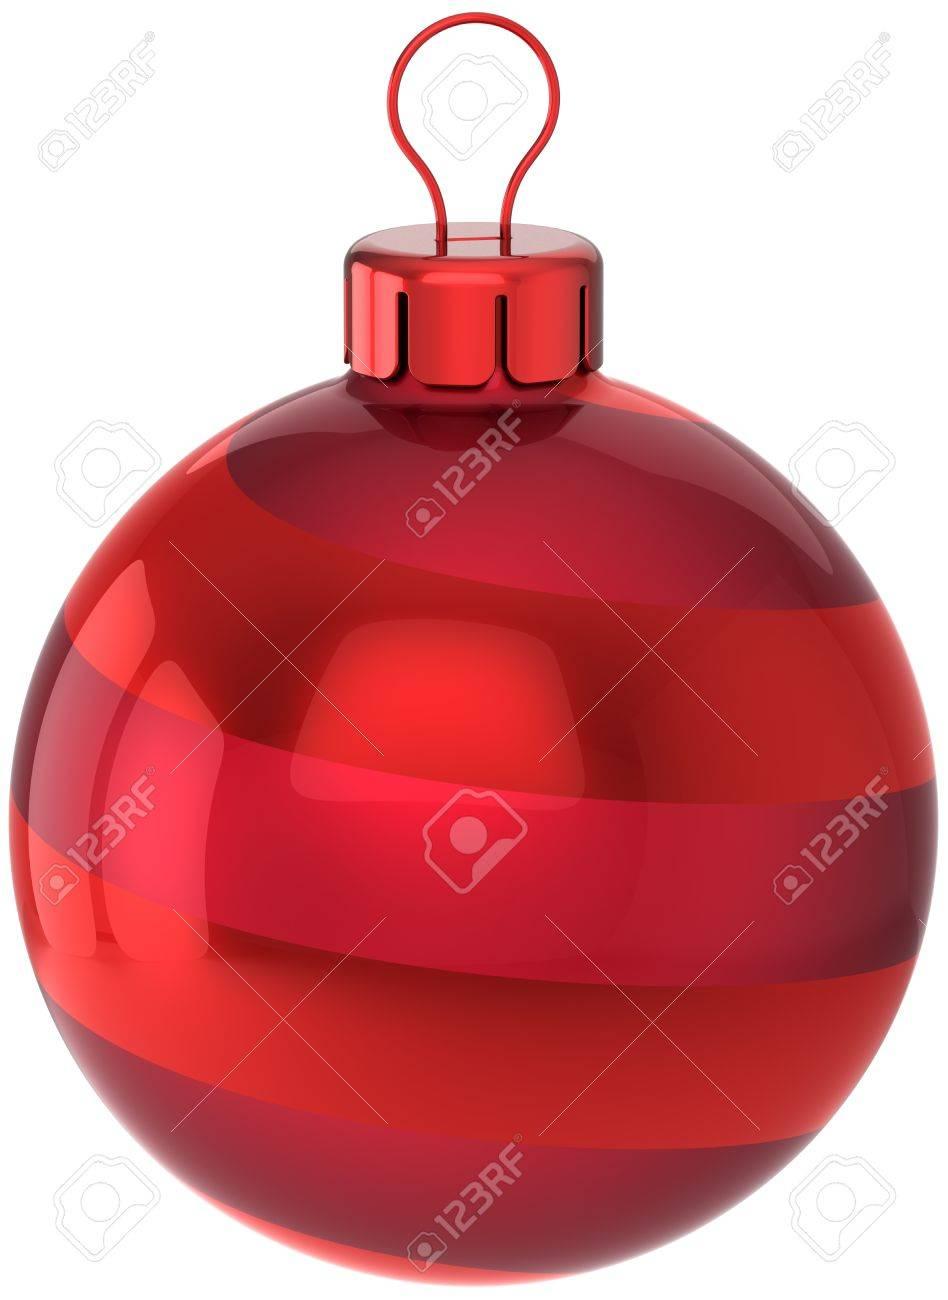 9ce0e70ac87 Bola De Navidad La Decoración De Color Rojo Feliz Año Nuevo Clásico  Juguete. Feliz Navidad Tarjeta De Felicitación Elemento De Diseño.